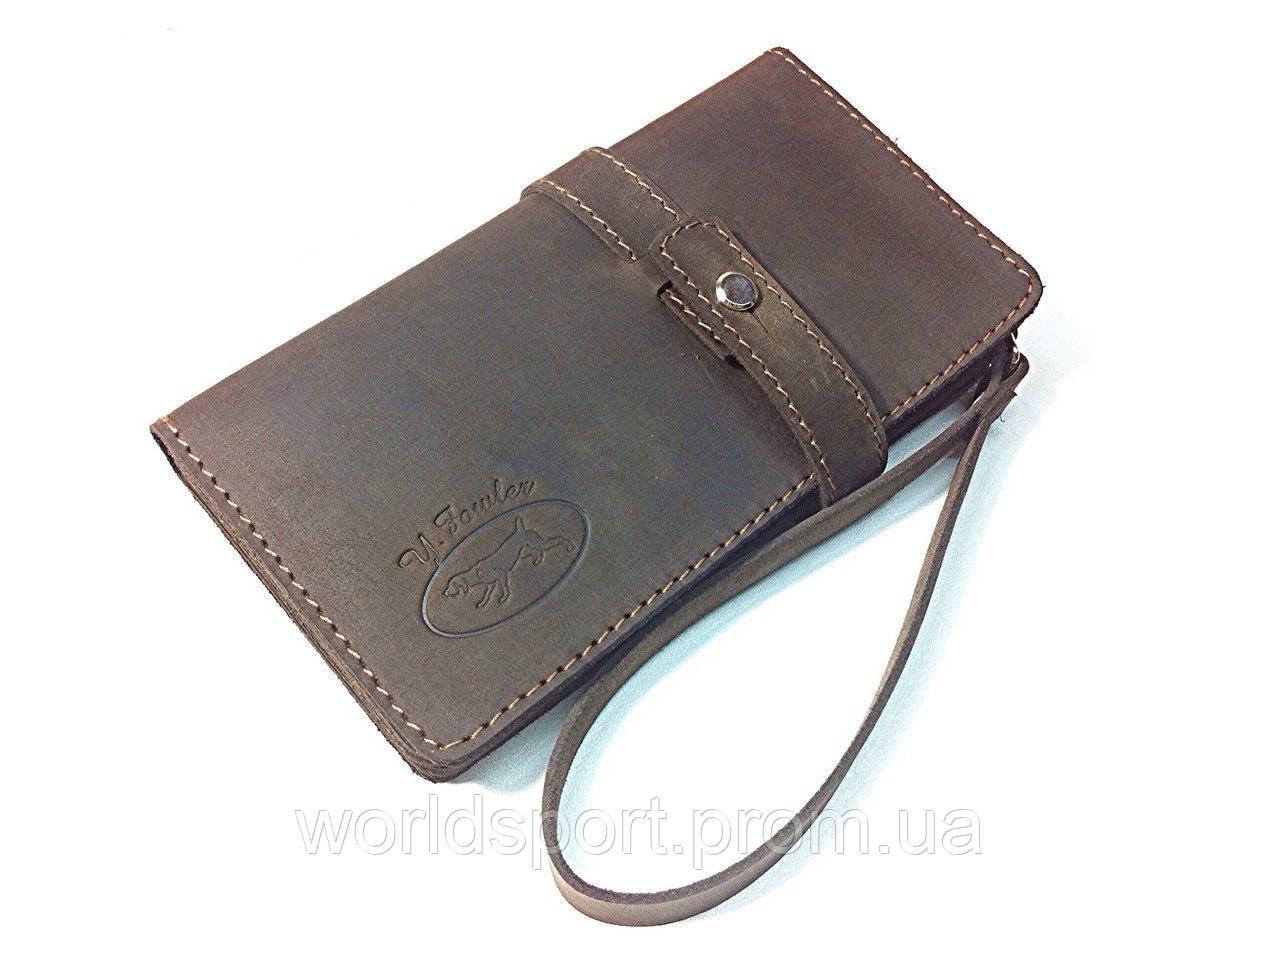 Мужской кожаный кошелек портмоне клатч - Ketlin интернет-магазин в Киеве cf7ce7c42e9